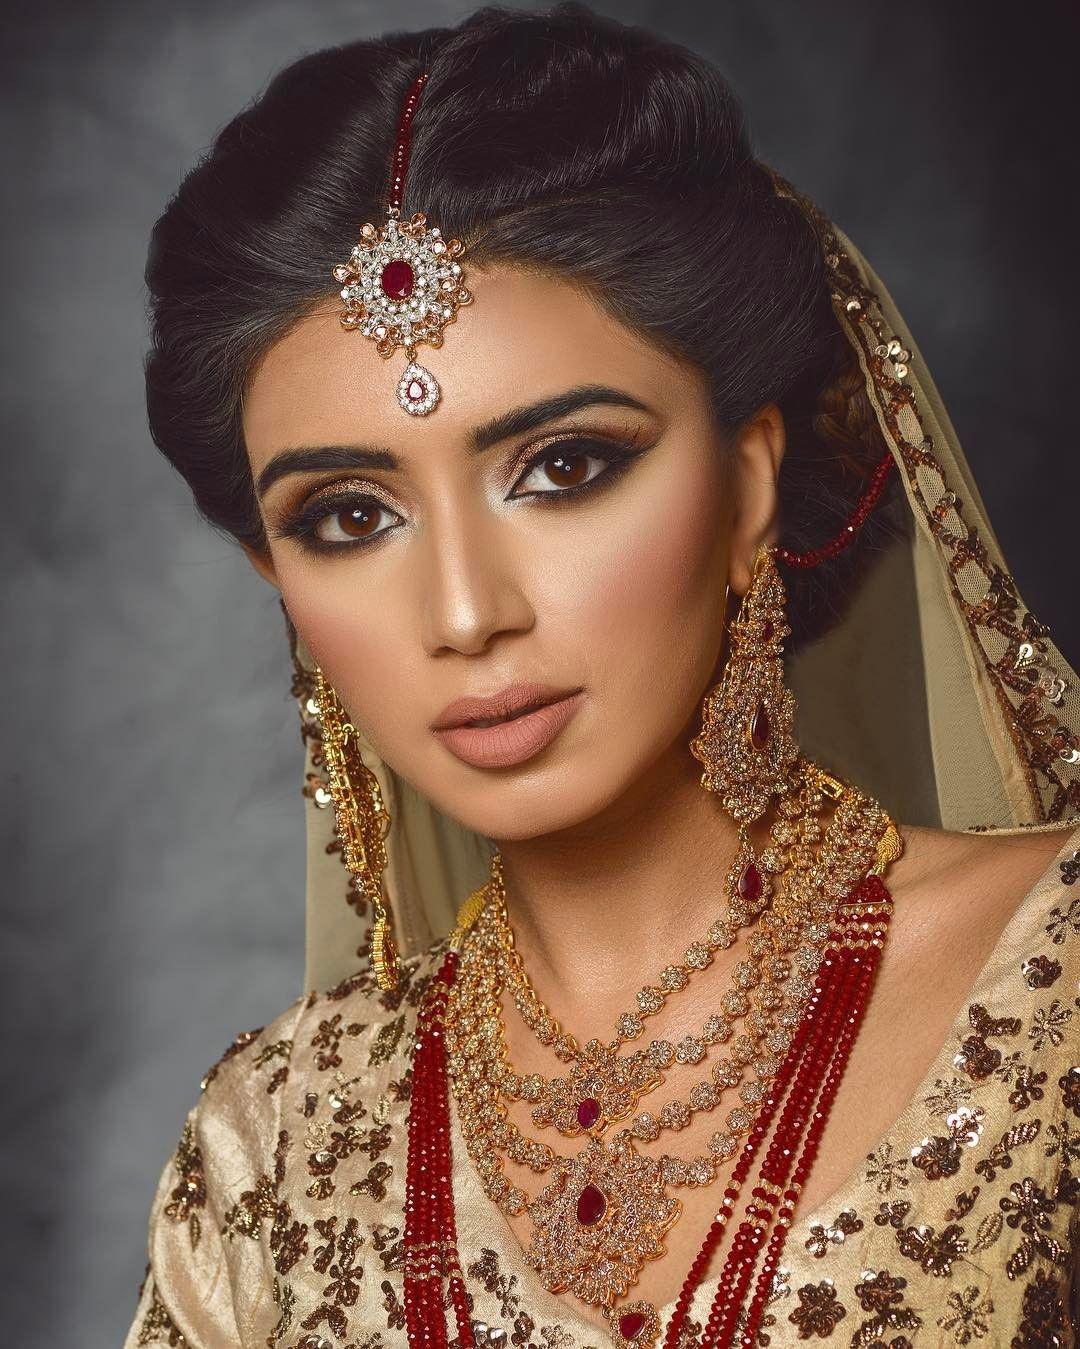 Mukhtar Rehman Mukhtar Rehman Hairstylist On Instagram Here S